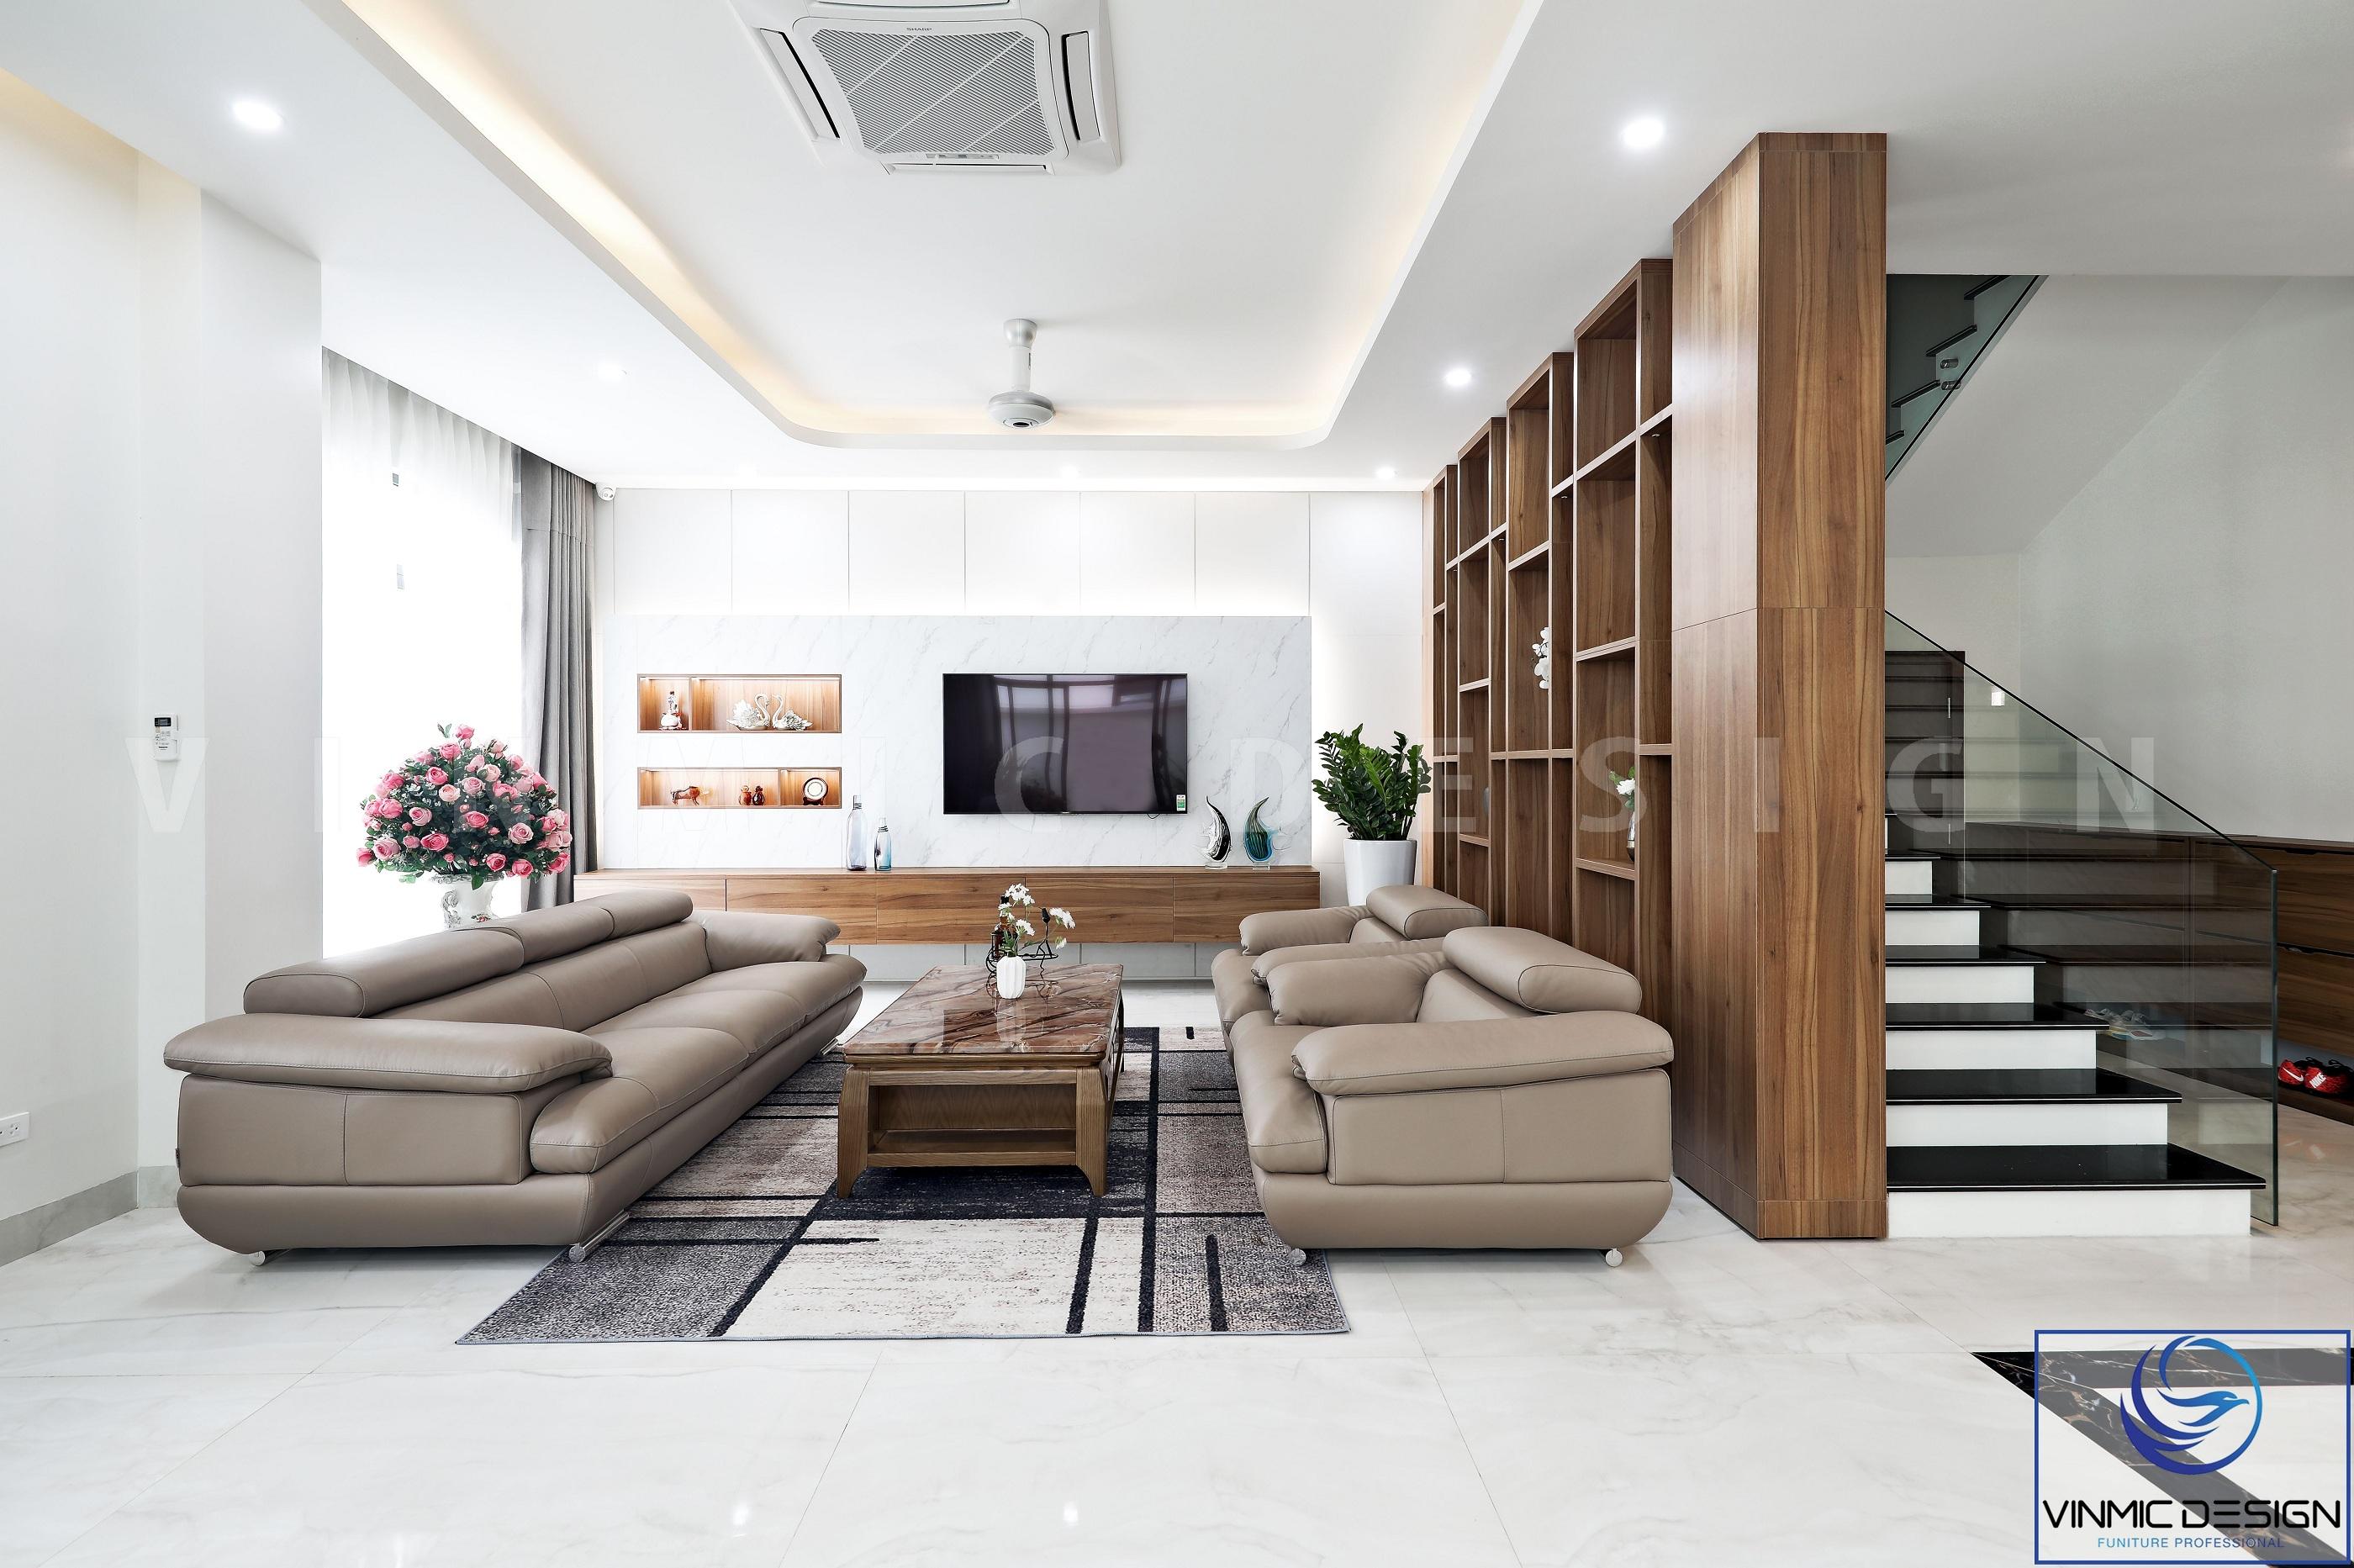 Điểm nhấn của phòng khách là bộ sofa nhập khẩu cùng vách ngăn trang trí